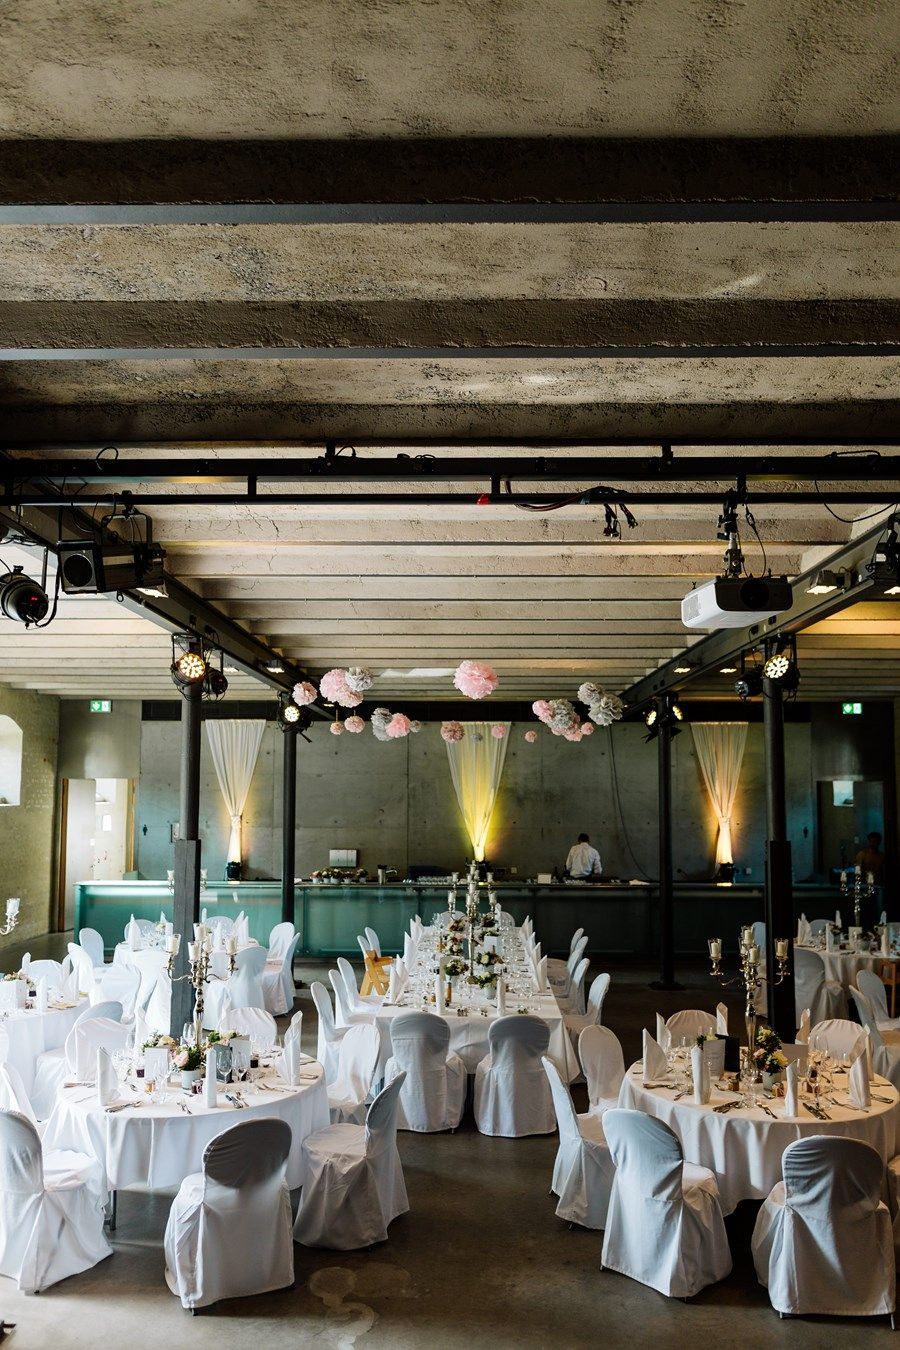 Hochzeits Locations In Und Um Munchen Hochzeitslocation Menterschwaige Munchen